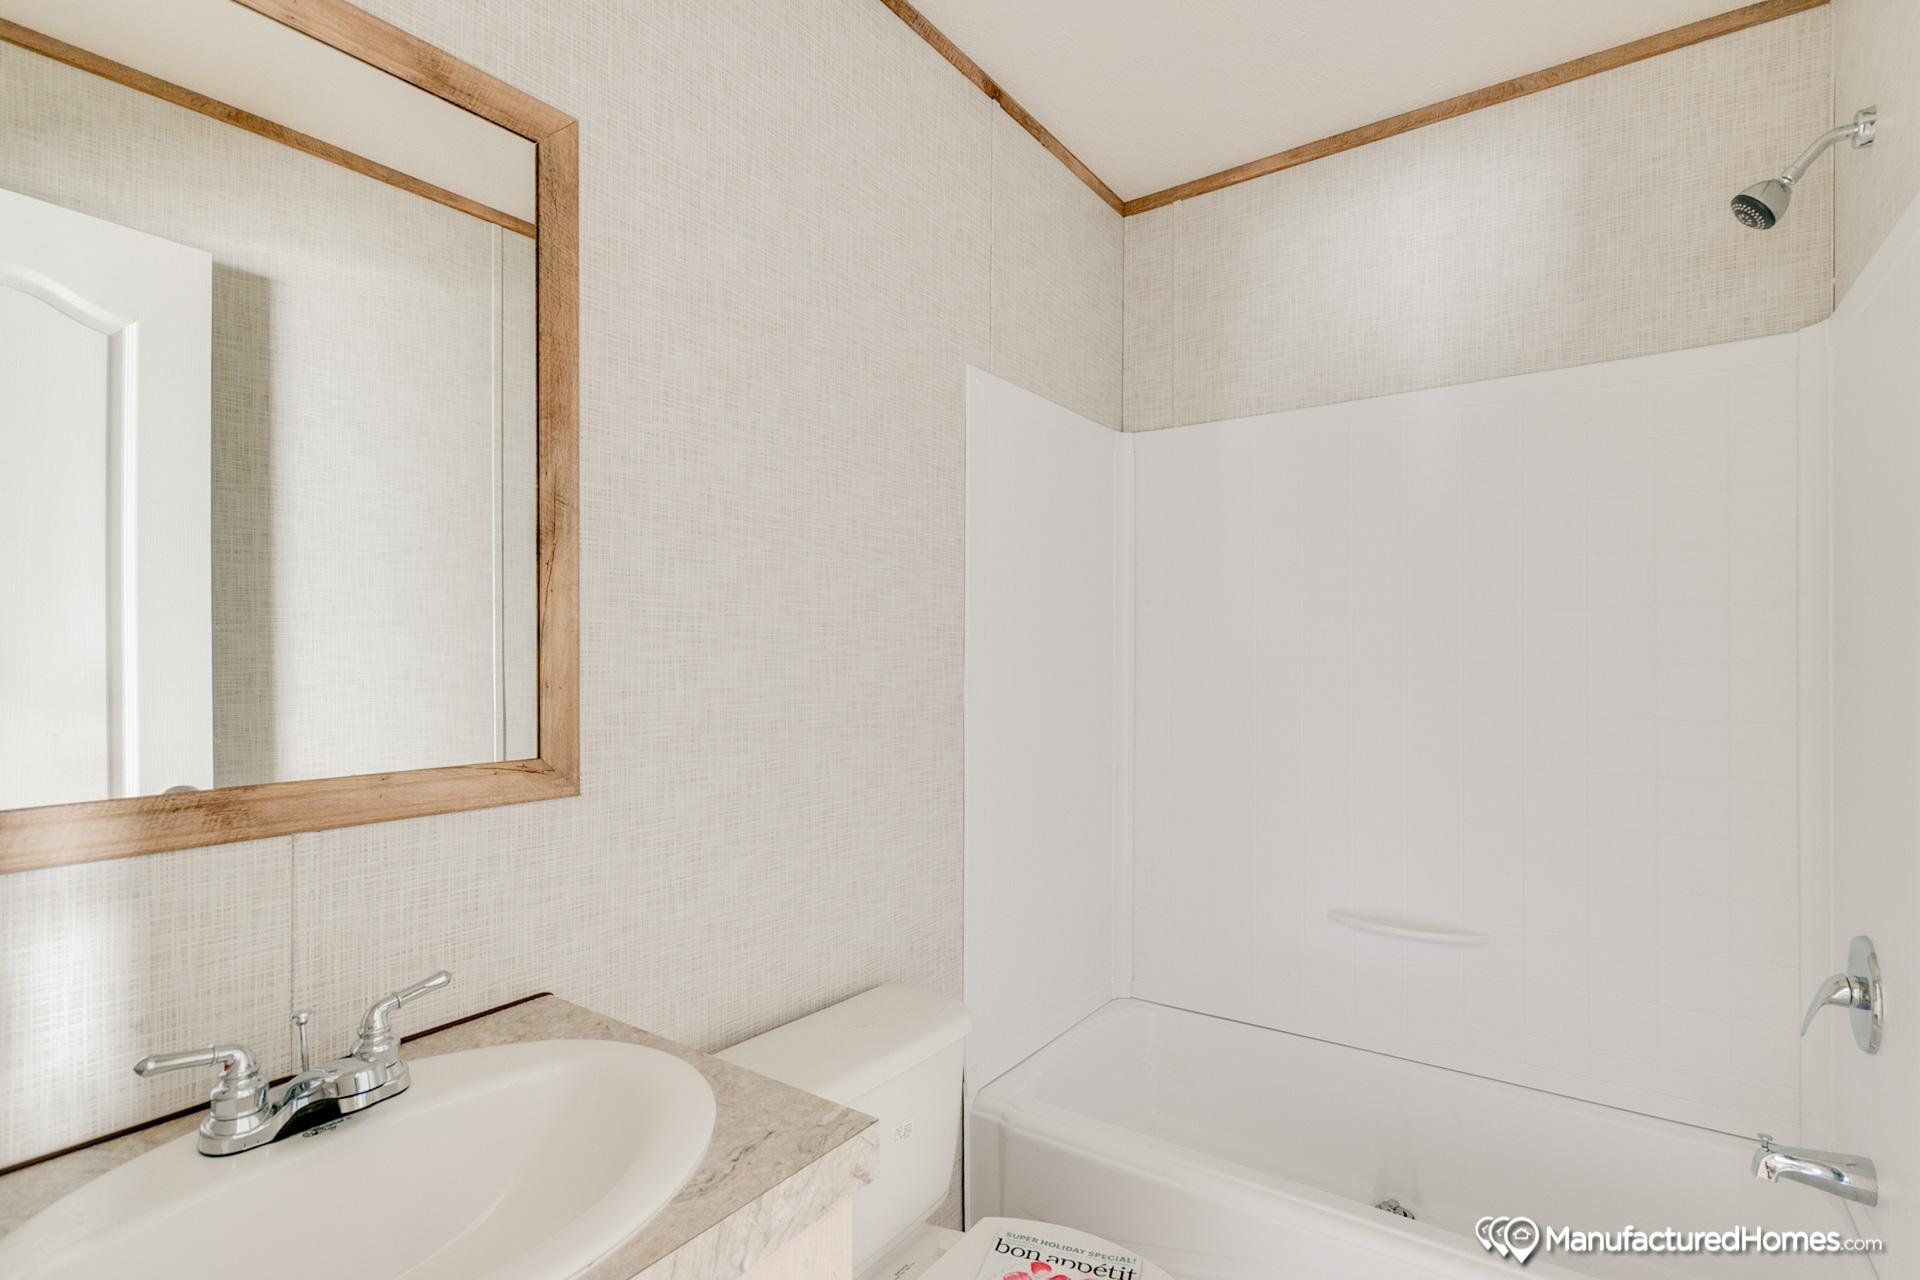 Open Floor Plan Living Room And Kitchen Big Windows